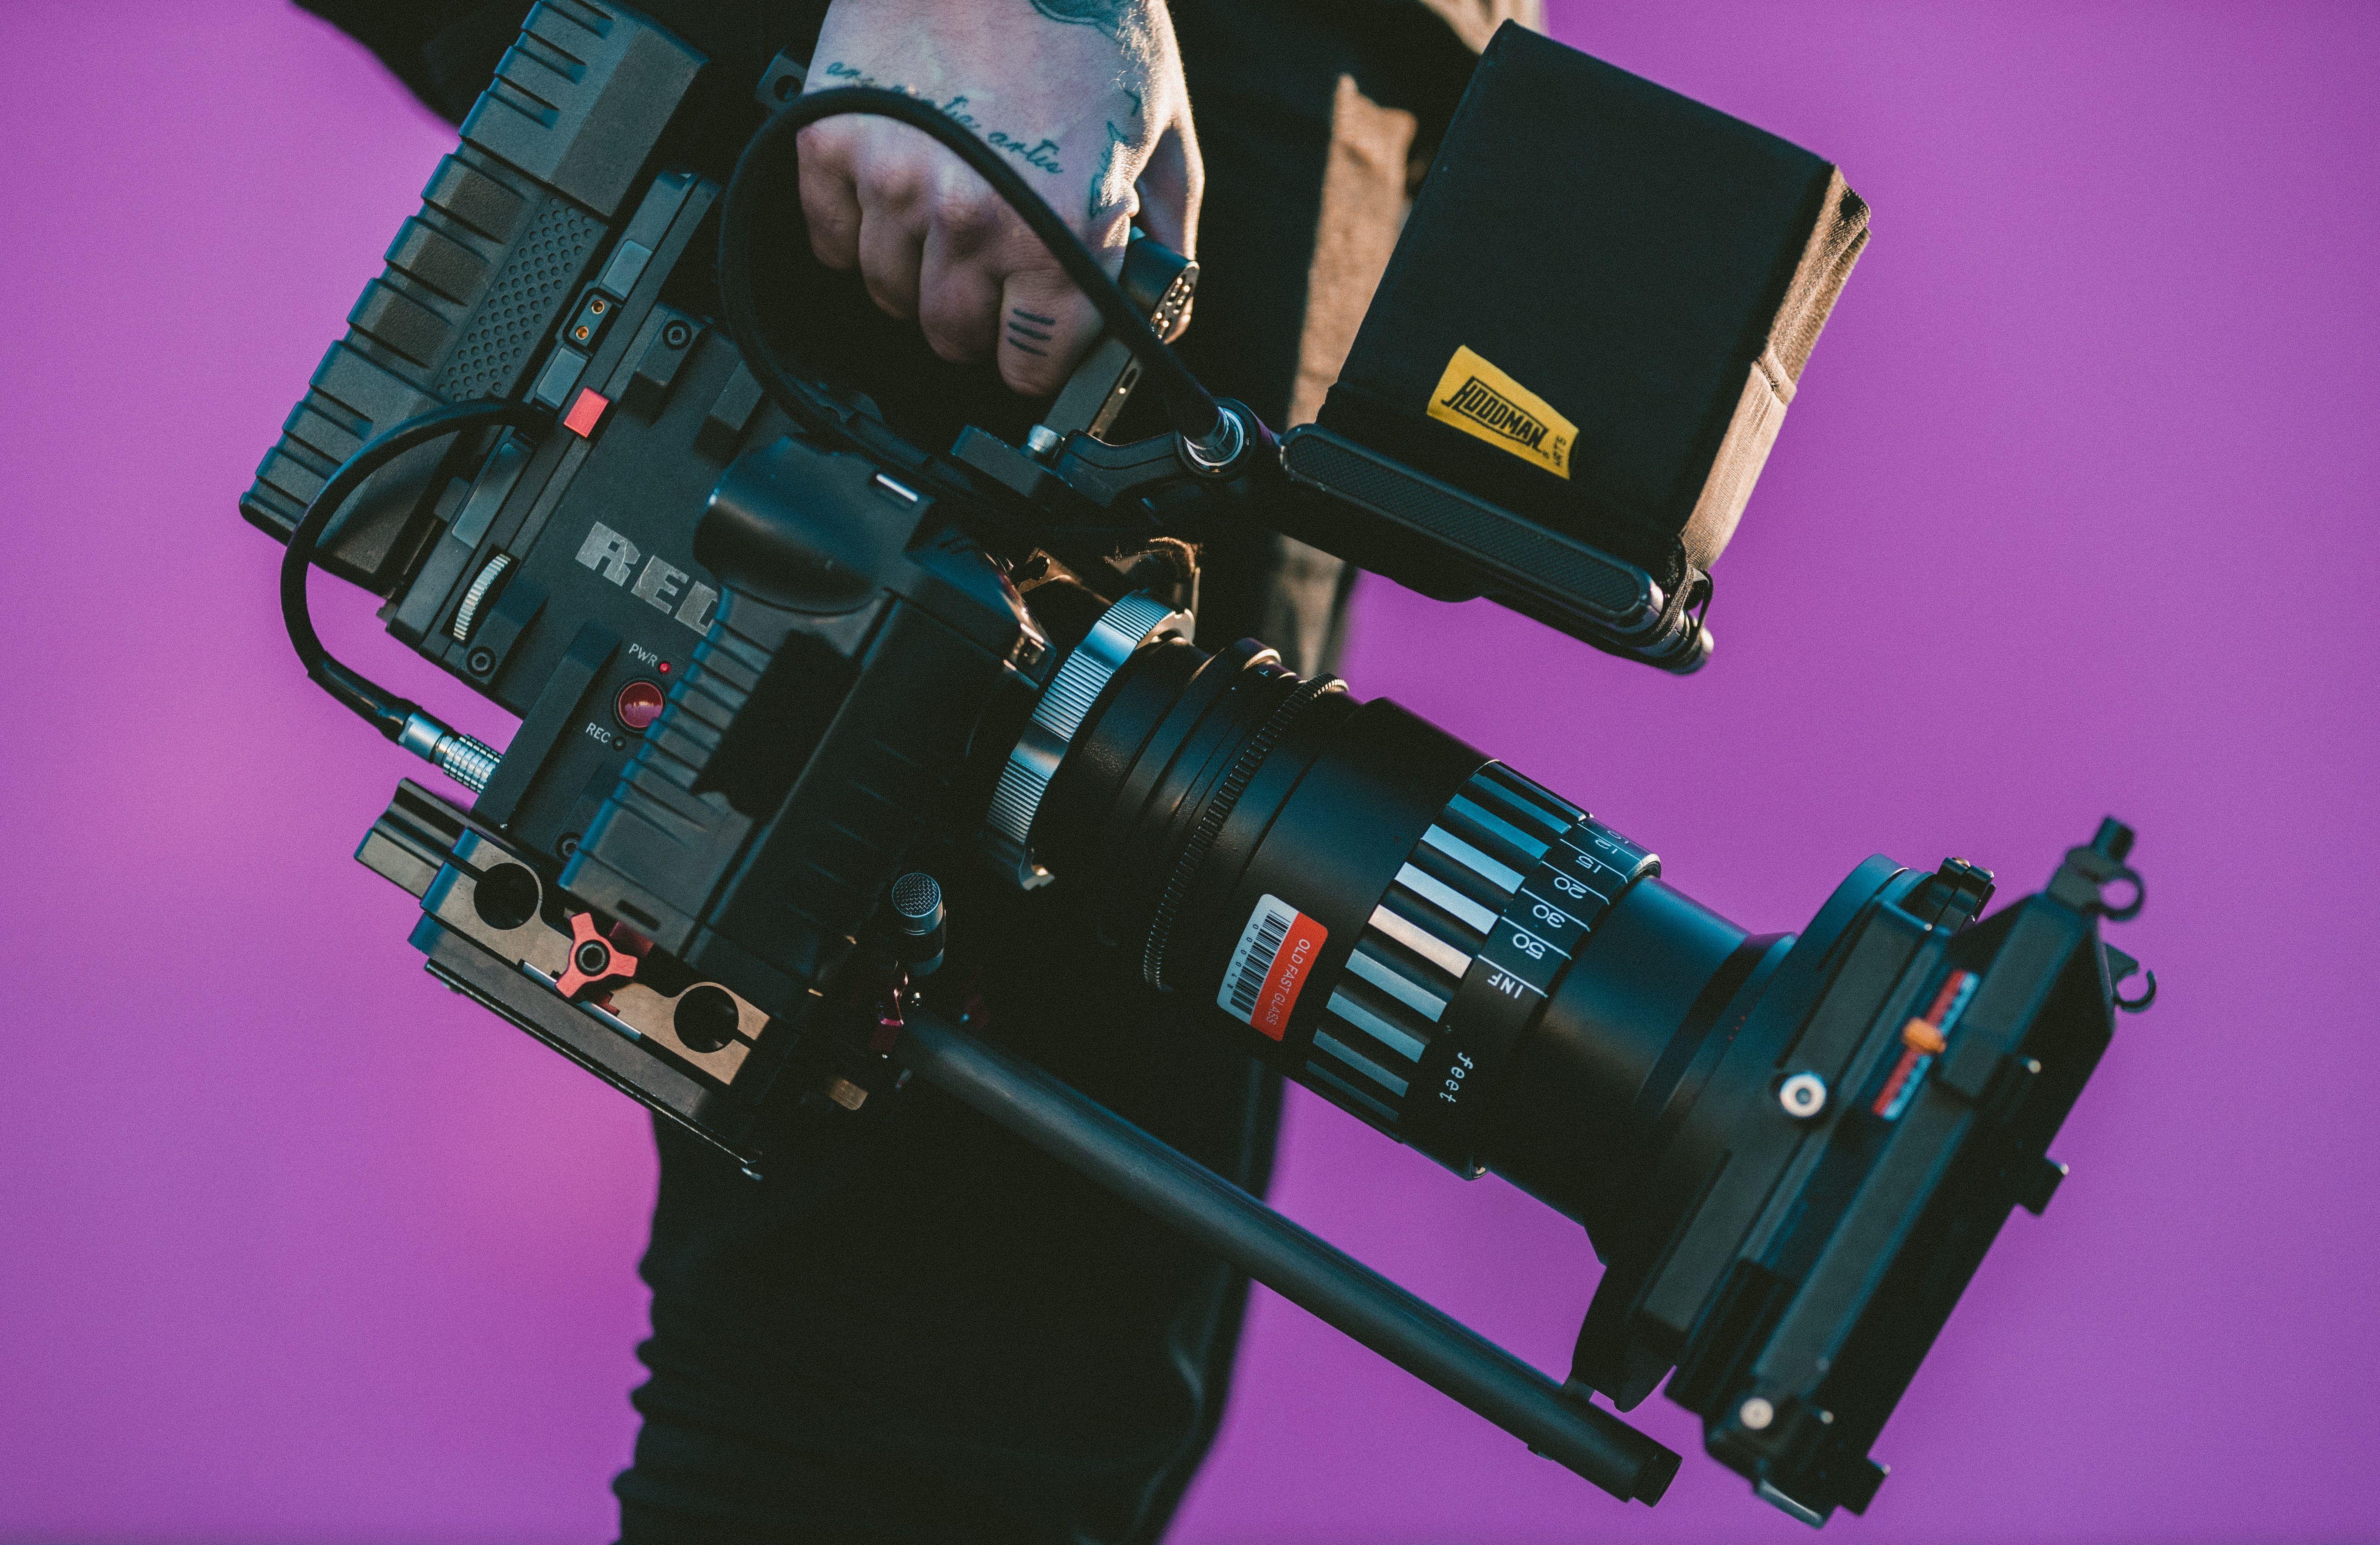 Videokamera, Youtube Videos rechtssicher verwenden